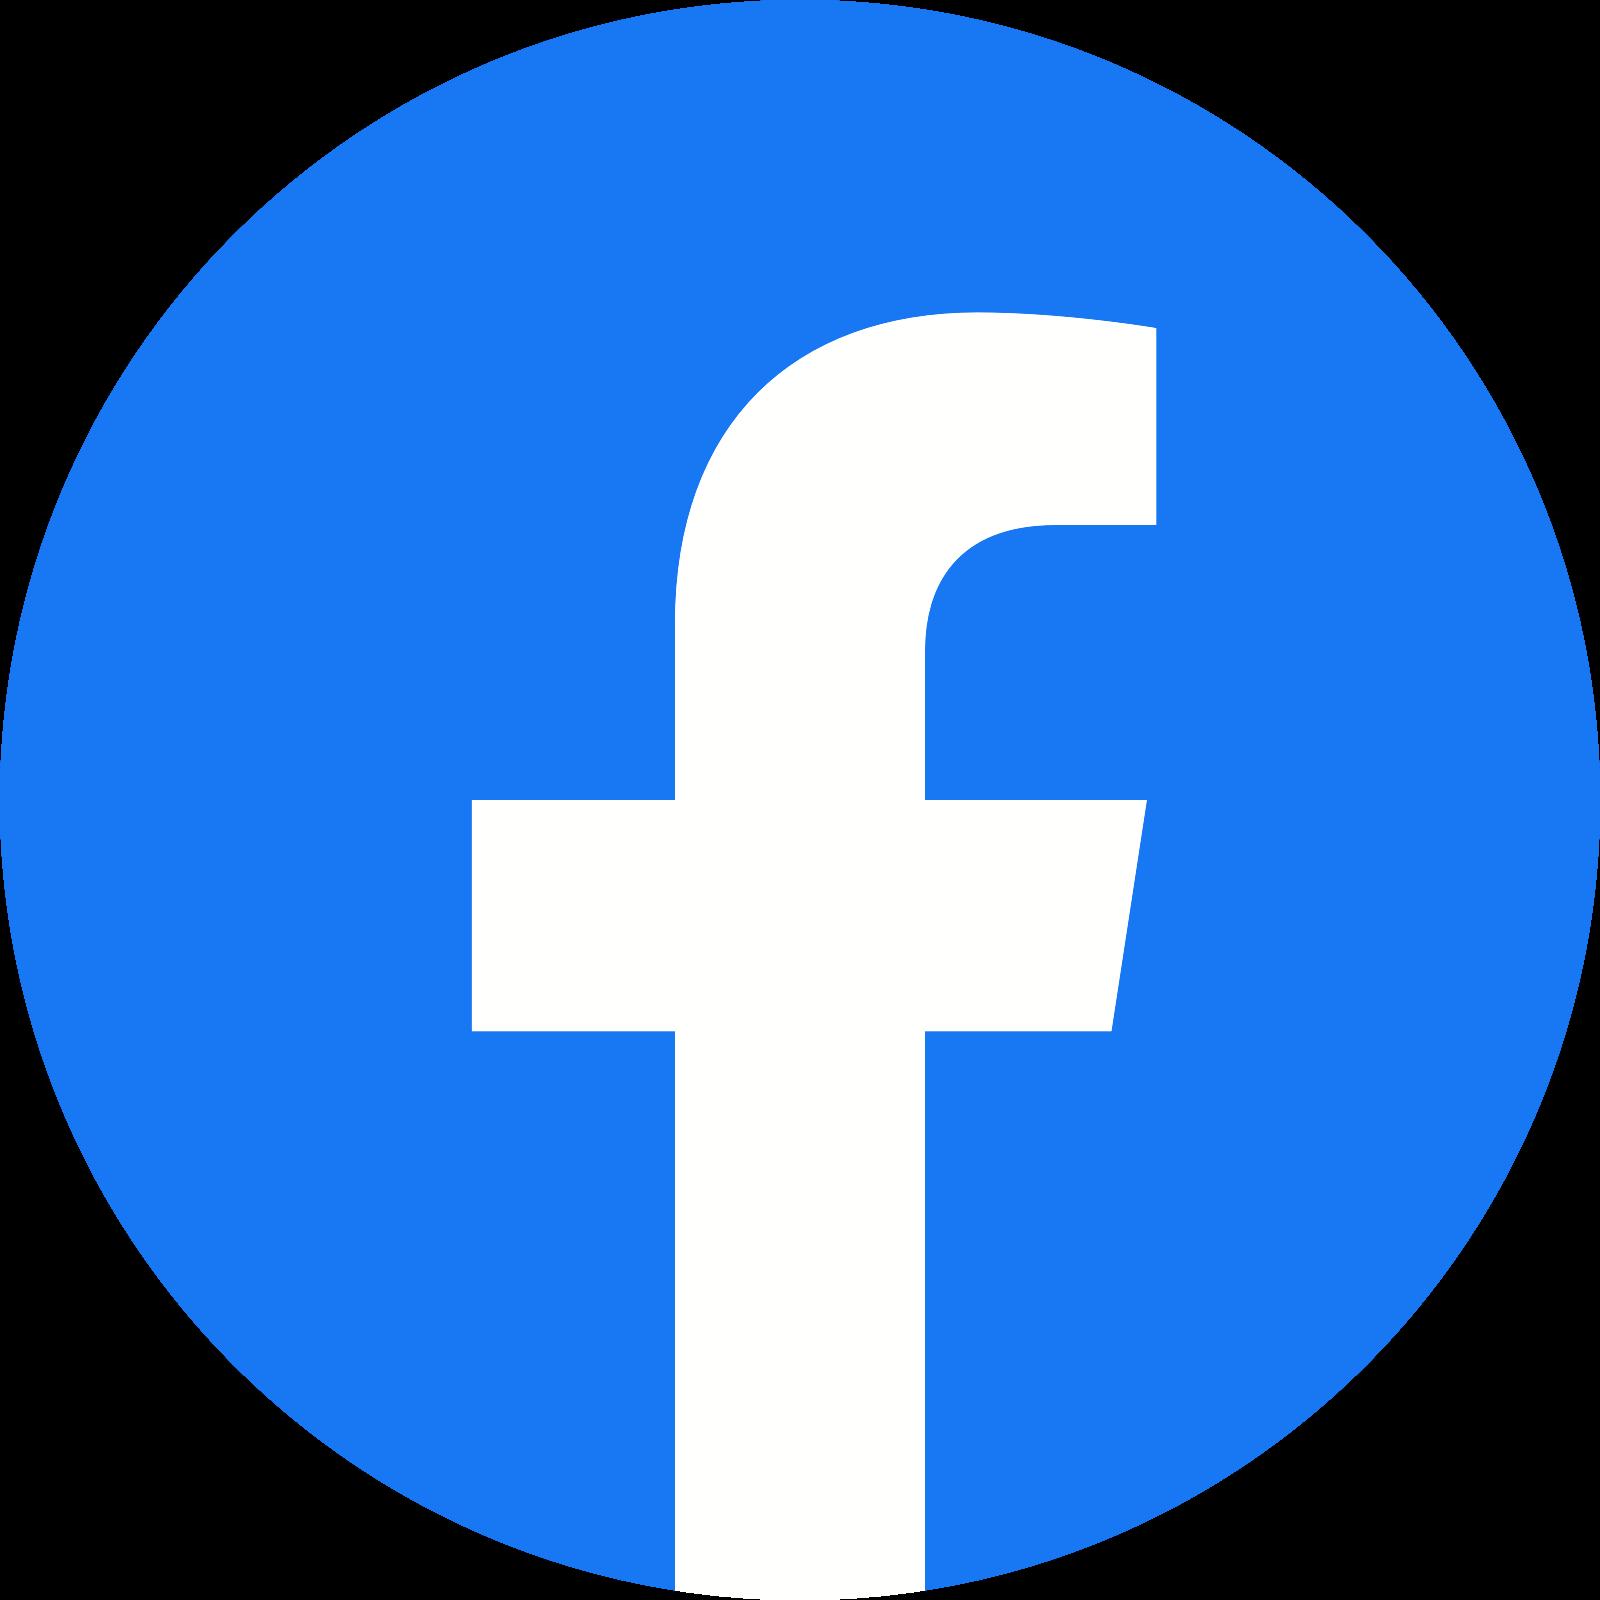 facebook-logo-2019